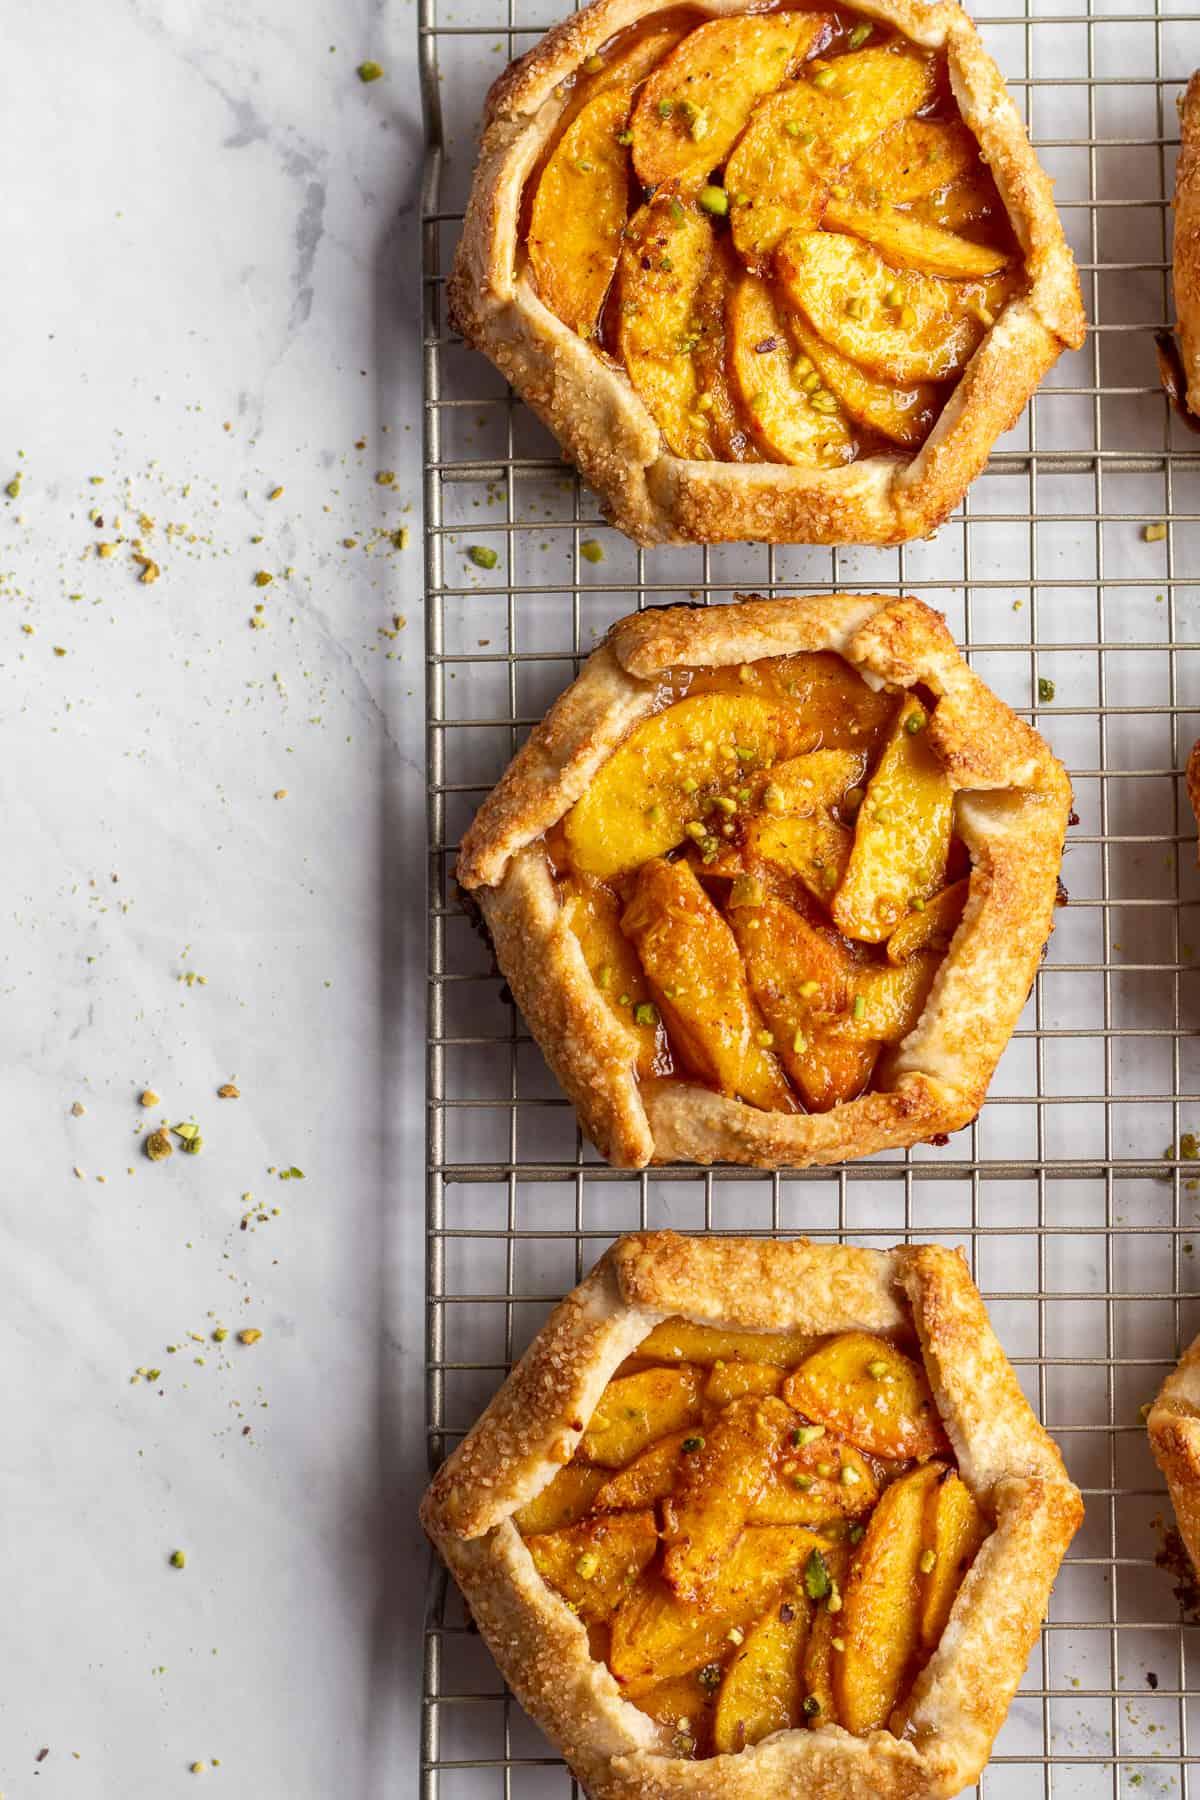 Honey Cardamom Peach Galette